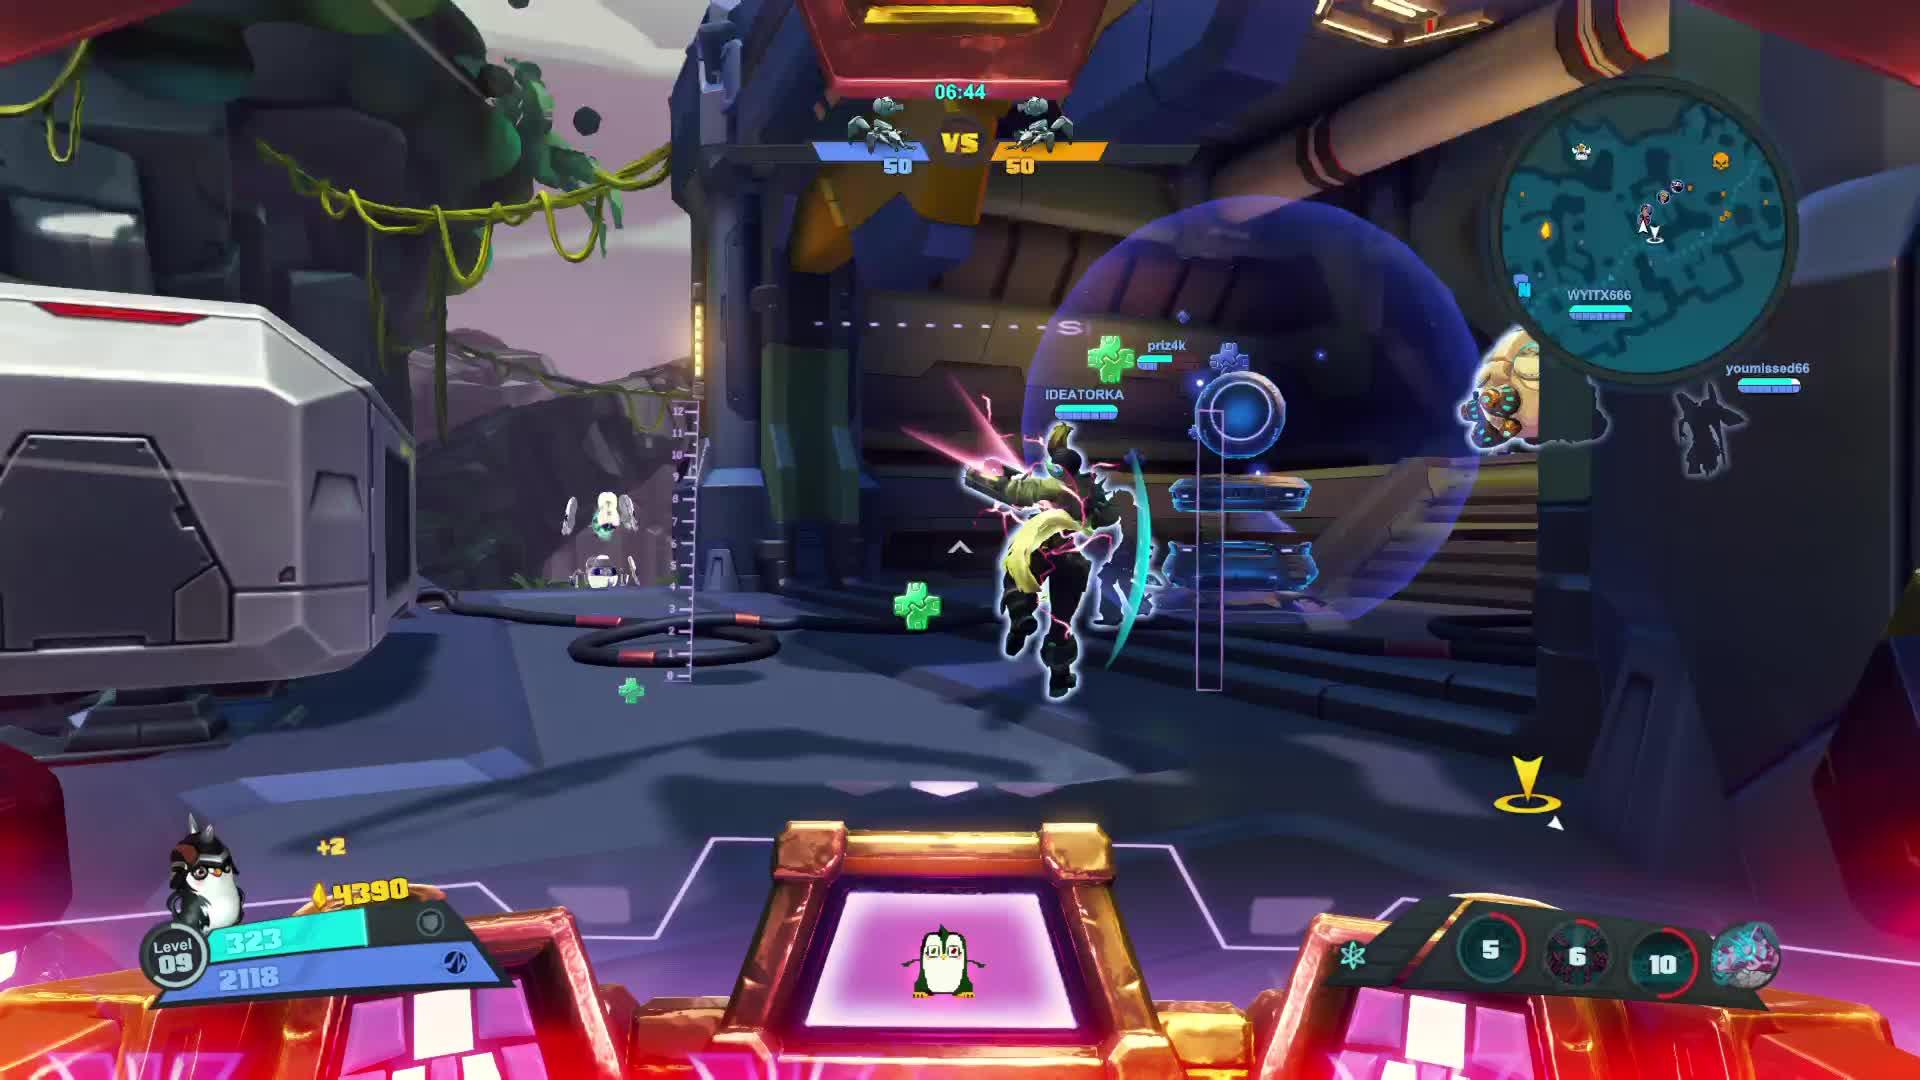 Battleborn, I'm so sorry, Battleborn - Knockback is fun! GIFs